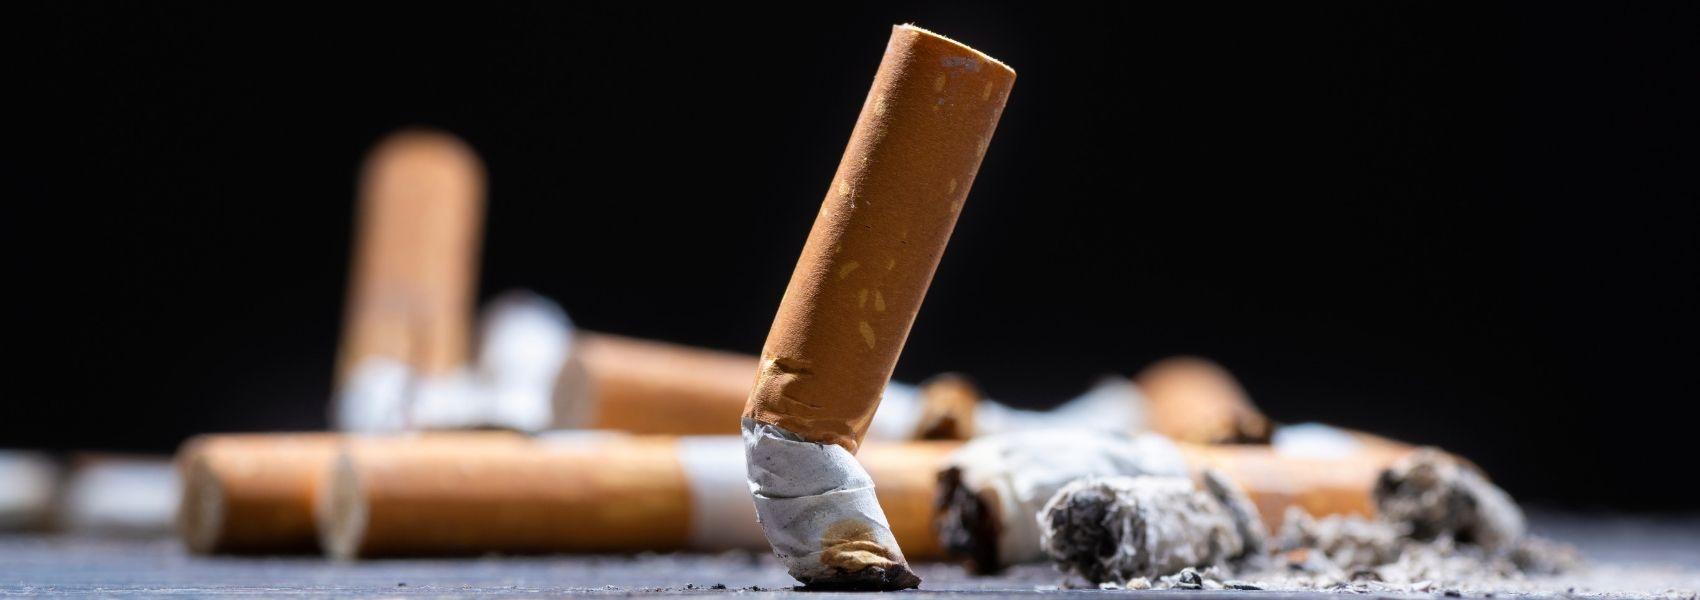 doentes com cancro e os riscos de fumar